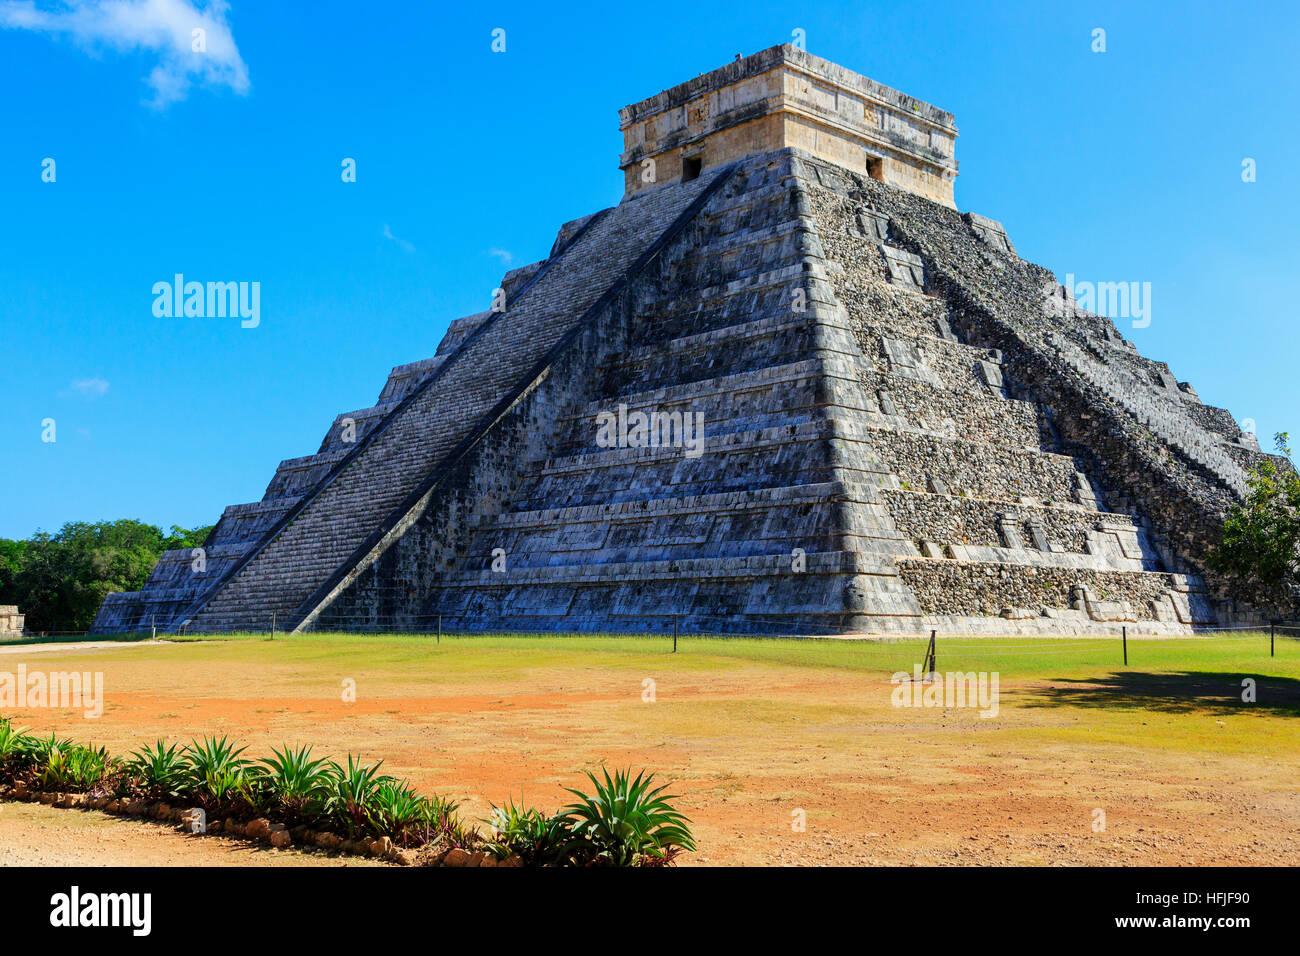 La estructura central del Castillo, en el antiguo templo Maya de Chichen Itza, Yucatán, México Imagen De Stock